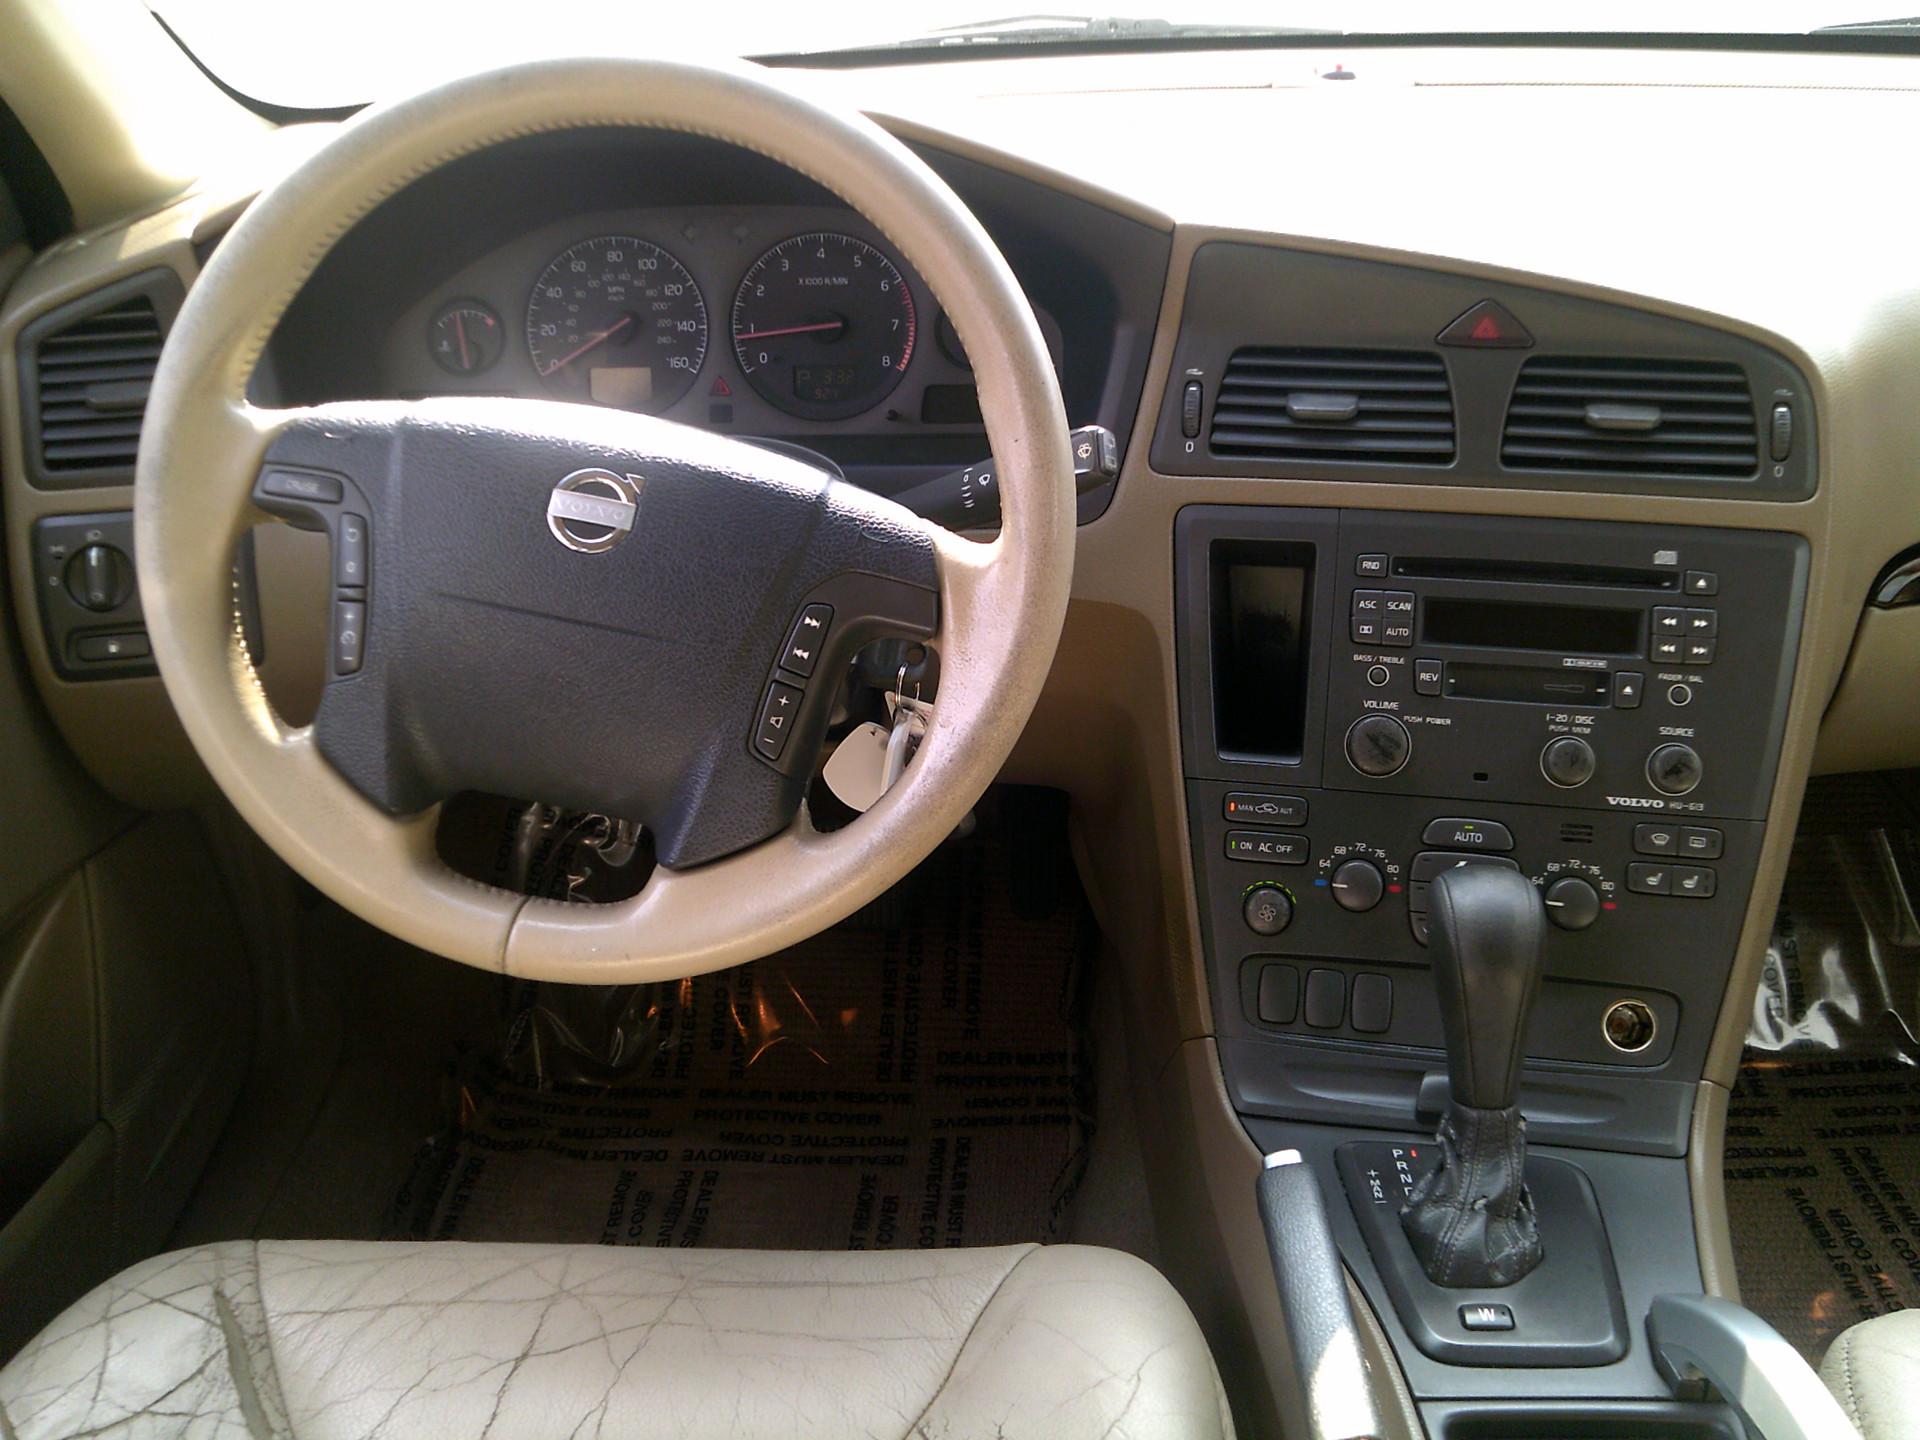 2003 Volvo XC70 (14)